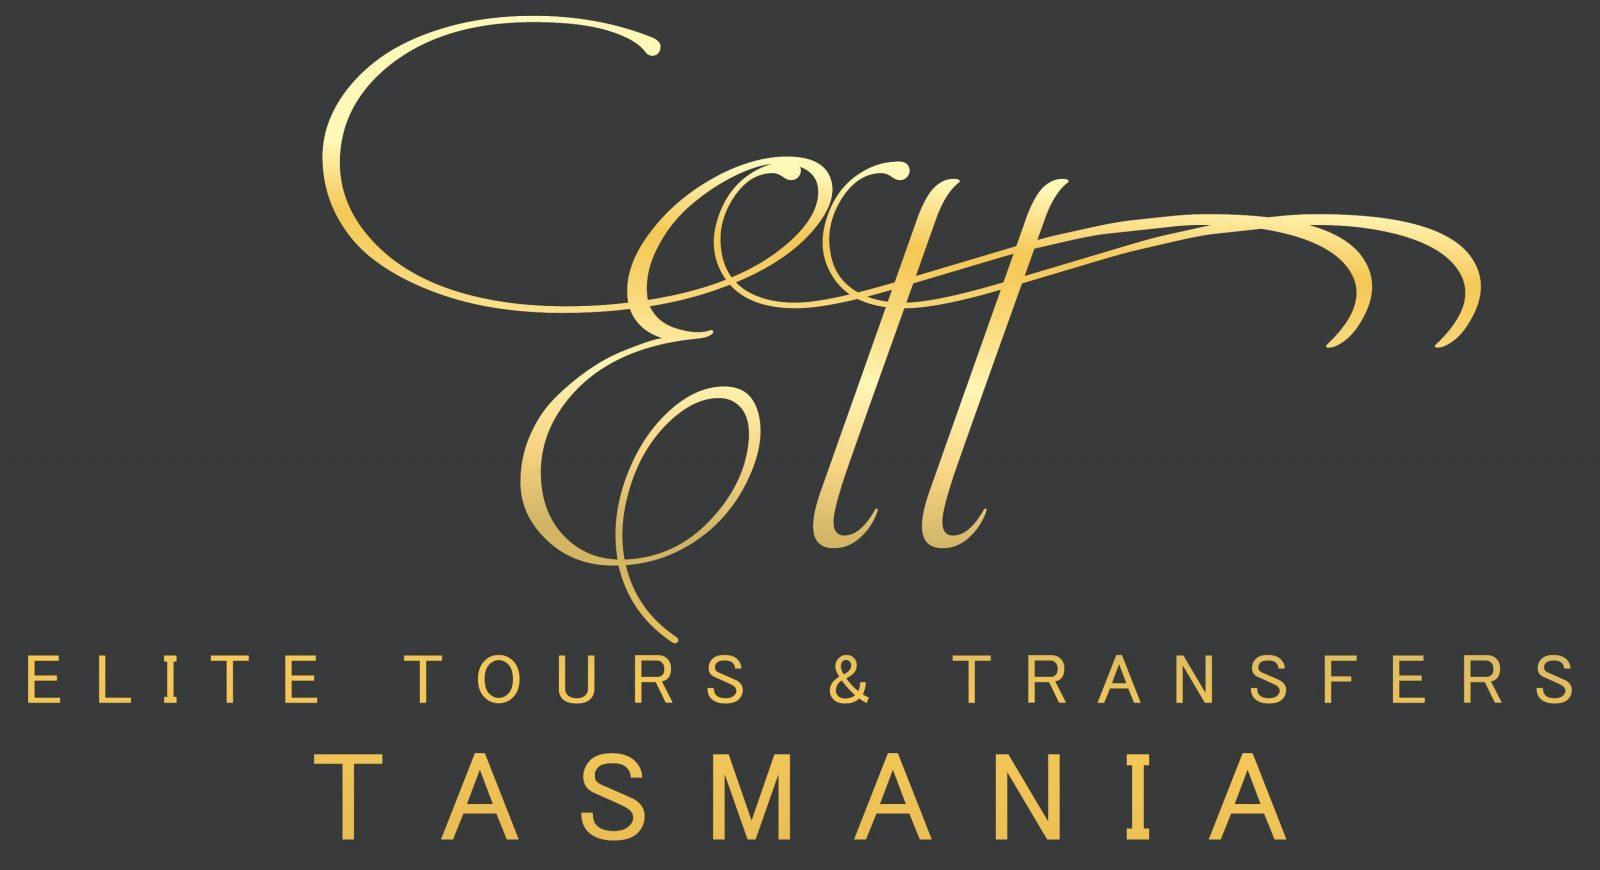 Elite Tours Tasmania